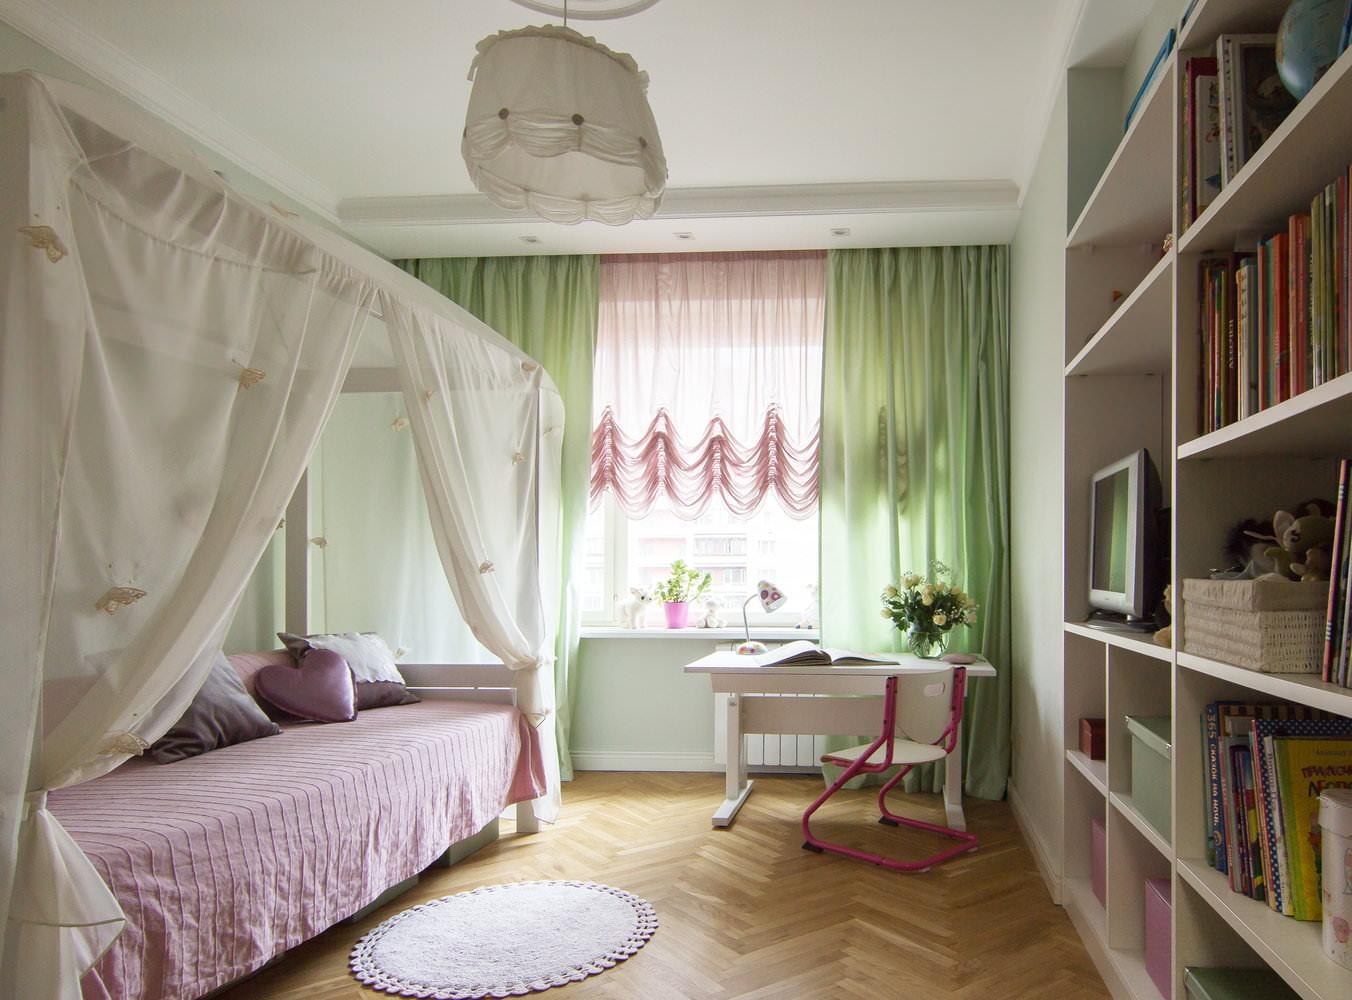 цветной тюль в интерьере спальни